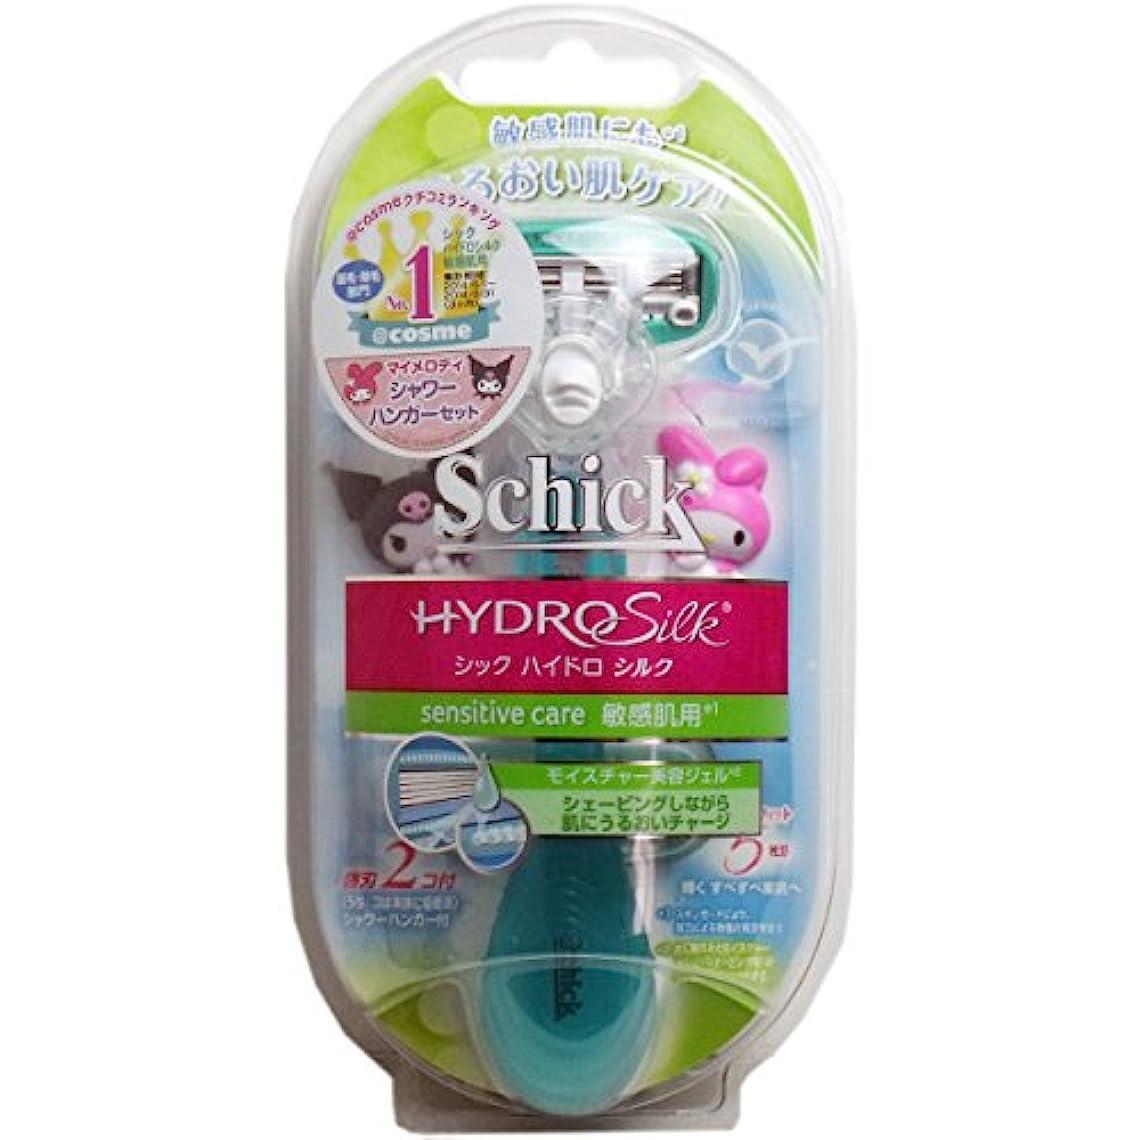 かび臭い衝突とんでもないシック ハイドロシルク ホルダー 敏感肌用 替刃2個付(単品)